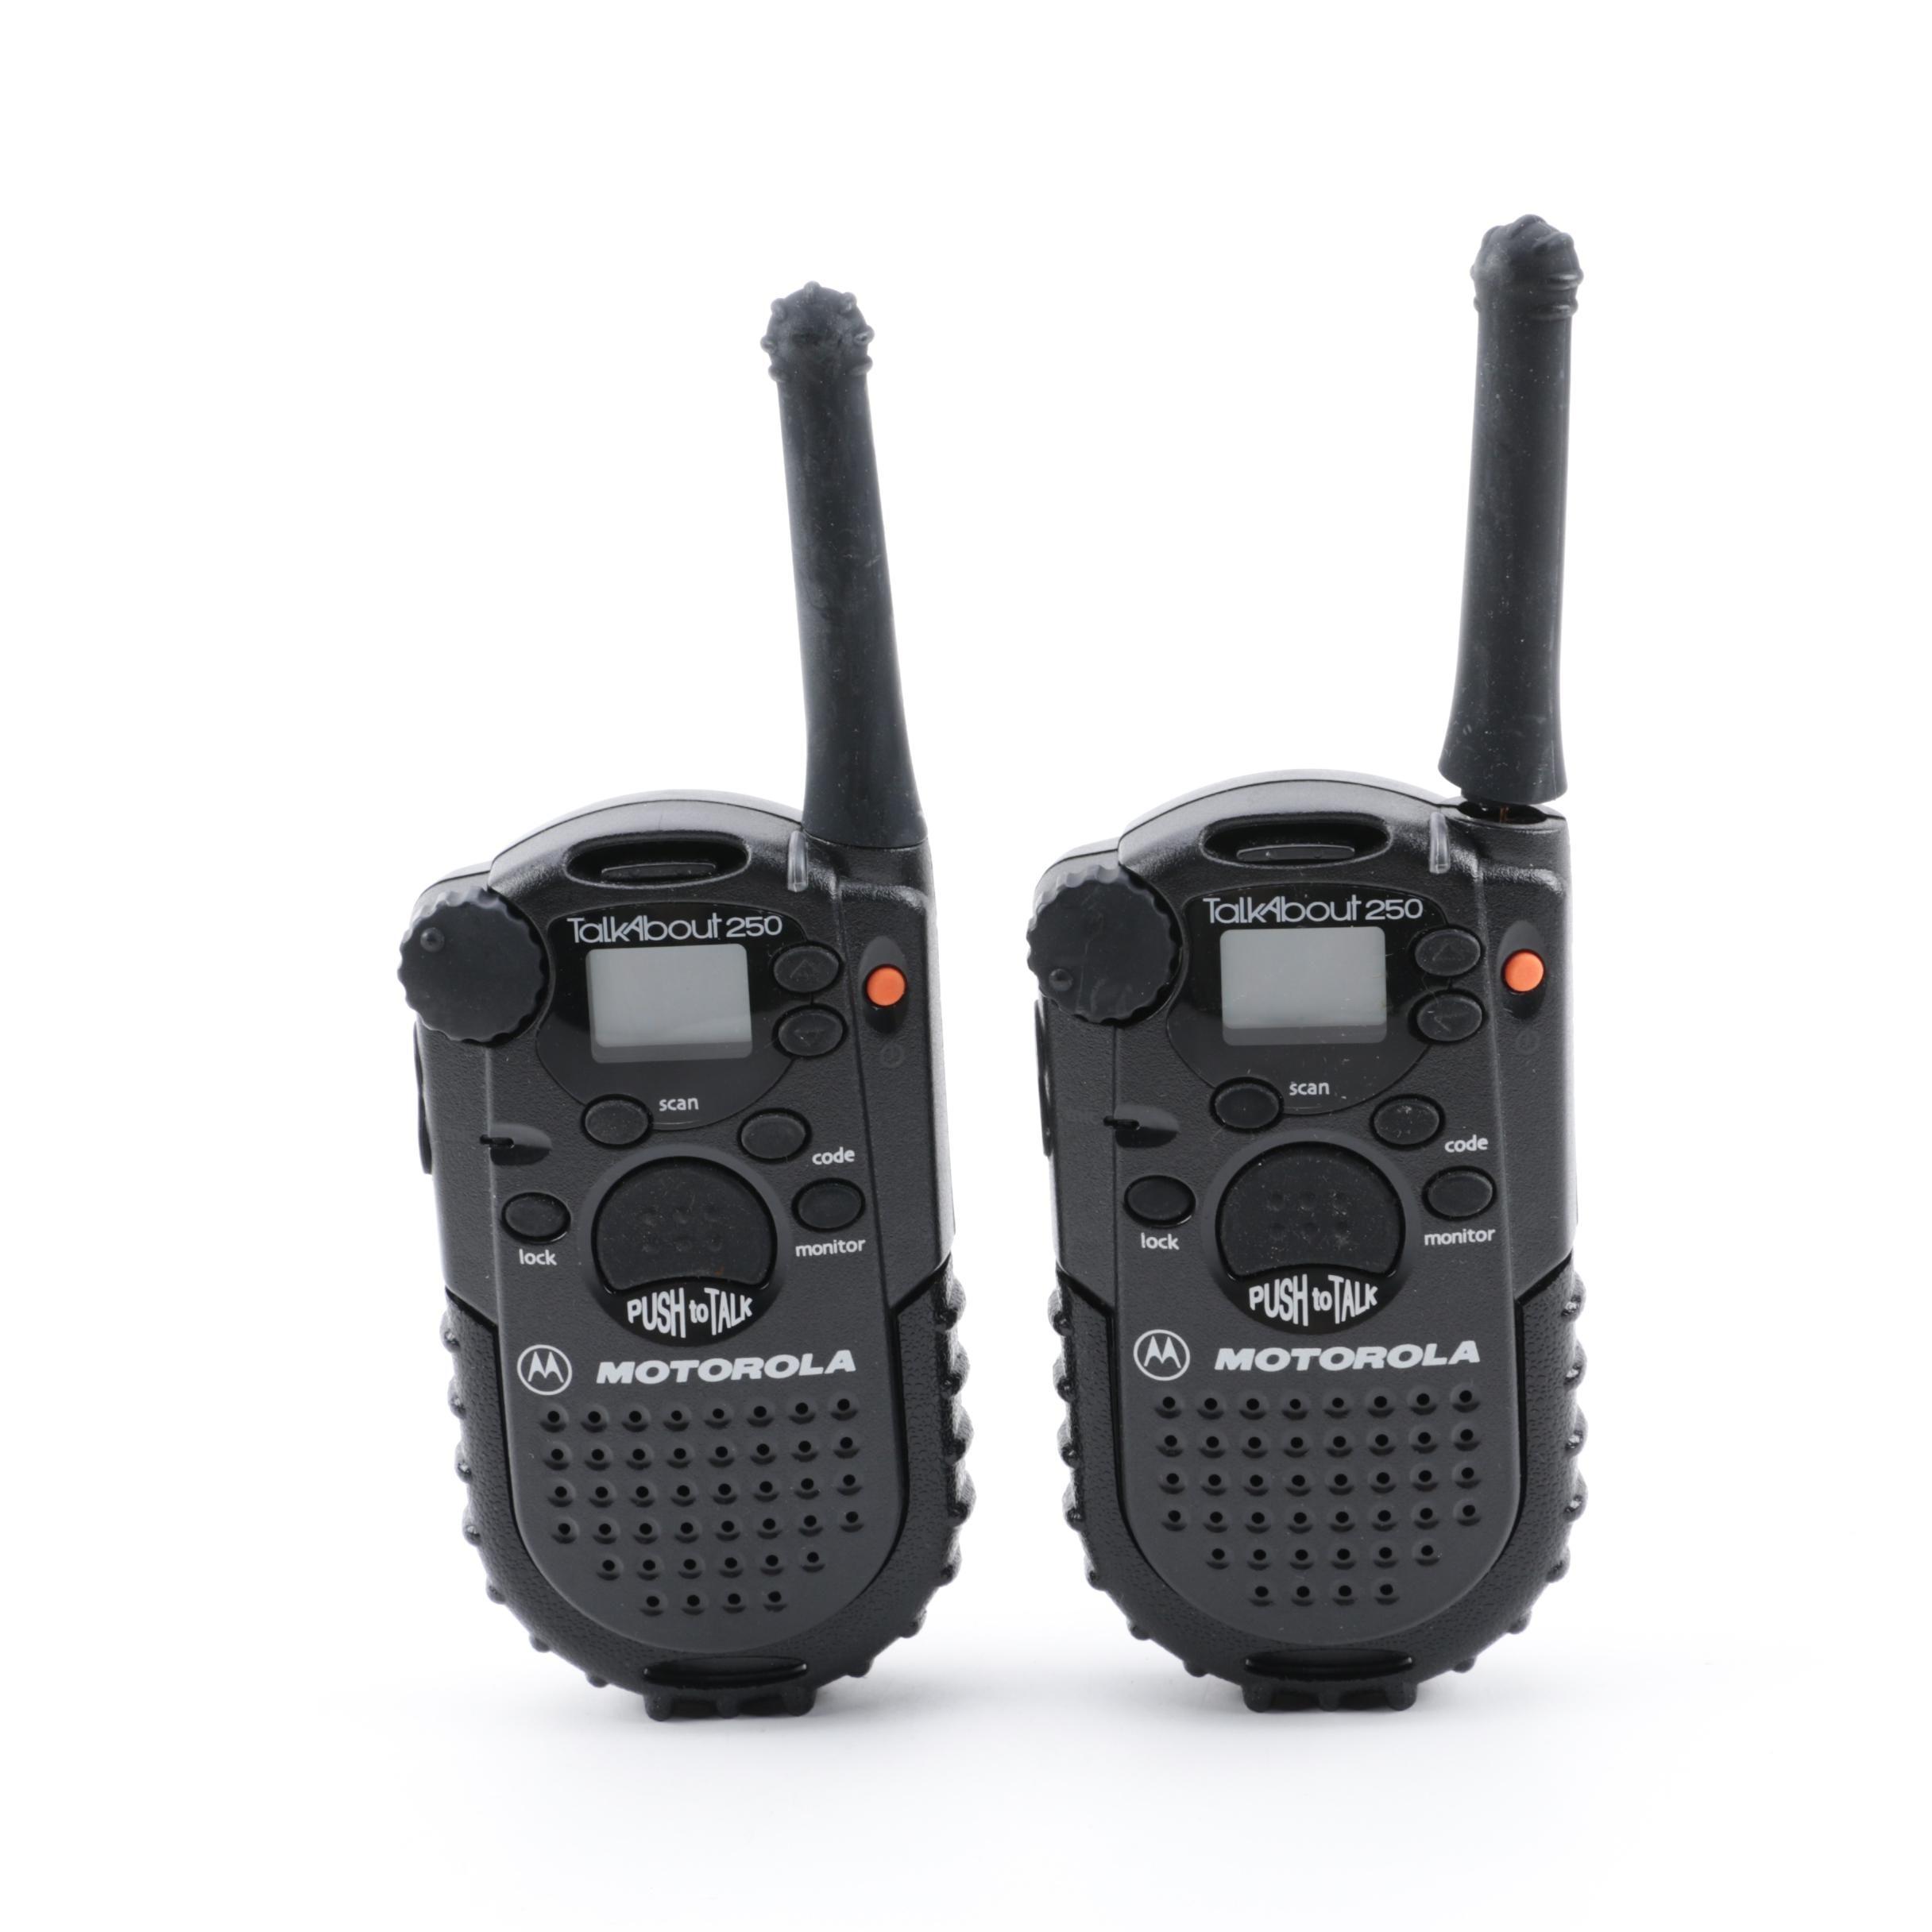 Motorola TalkAbout 250 Two-Way Radio Set